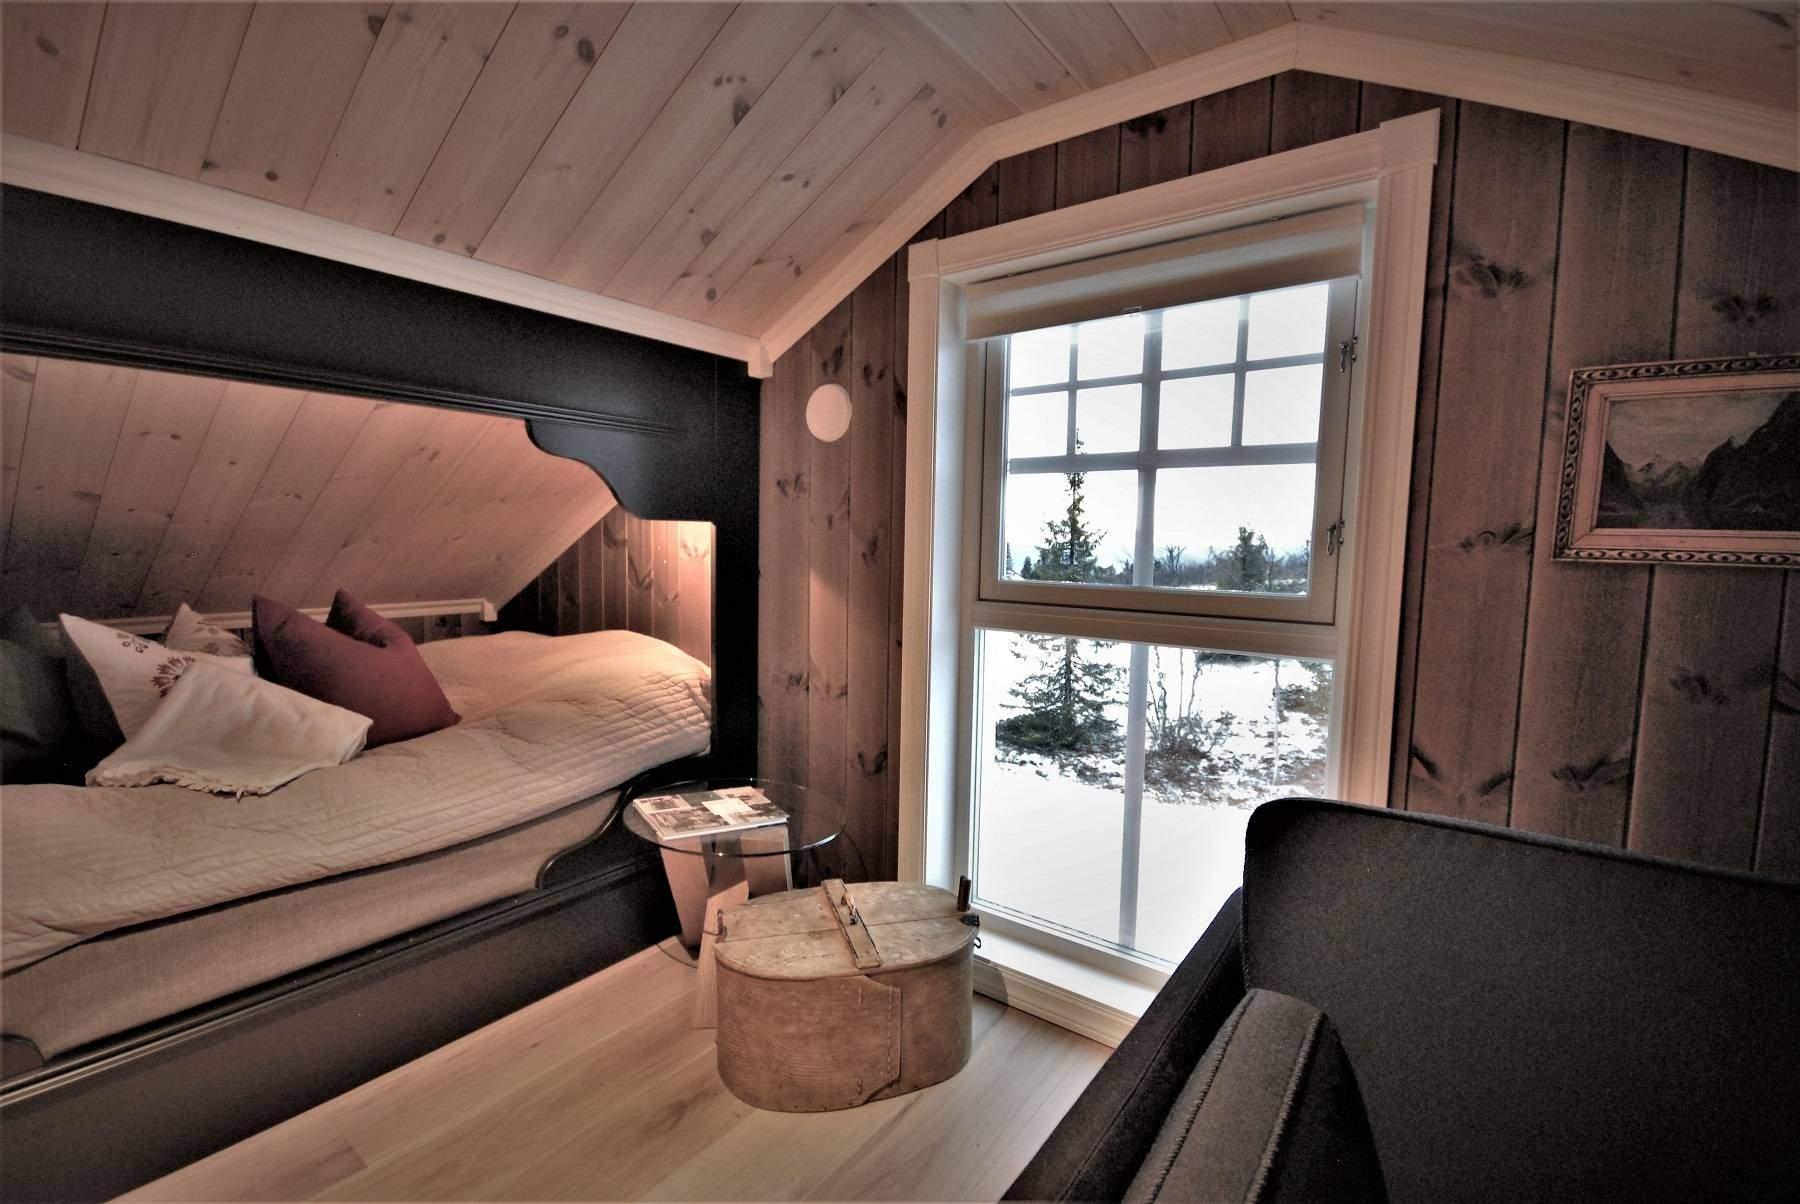 156 Hyttemodell Hytte Hemsedal 120 Soverom på hems